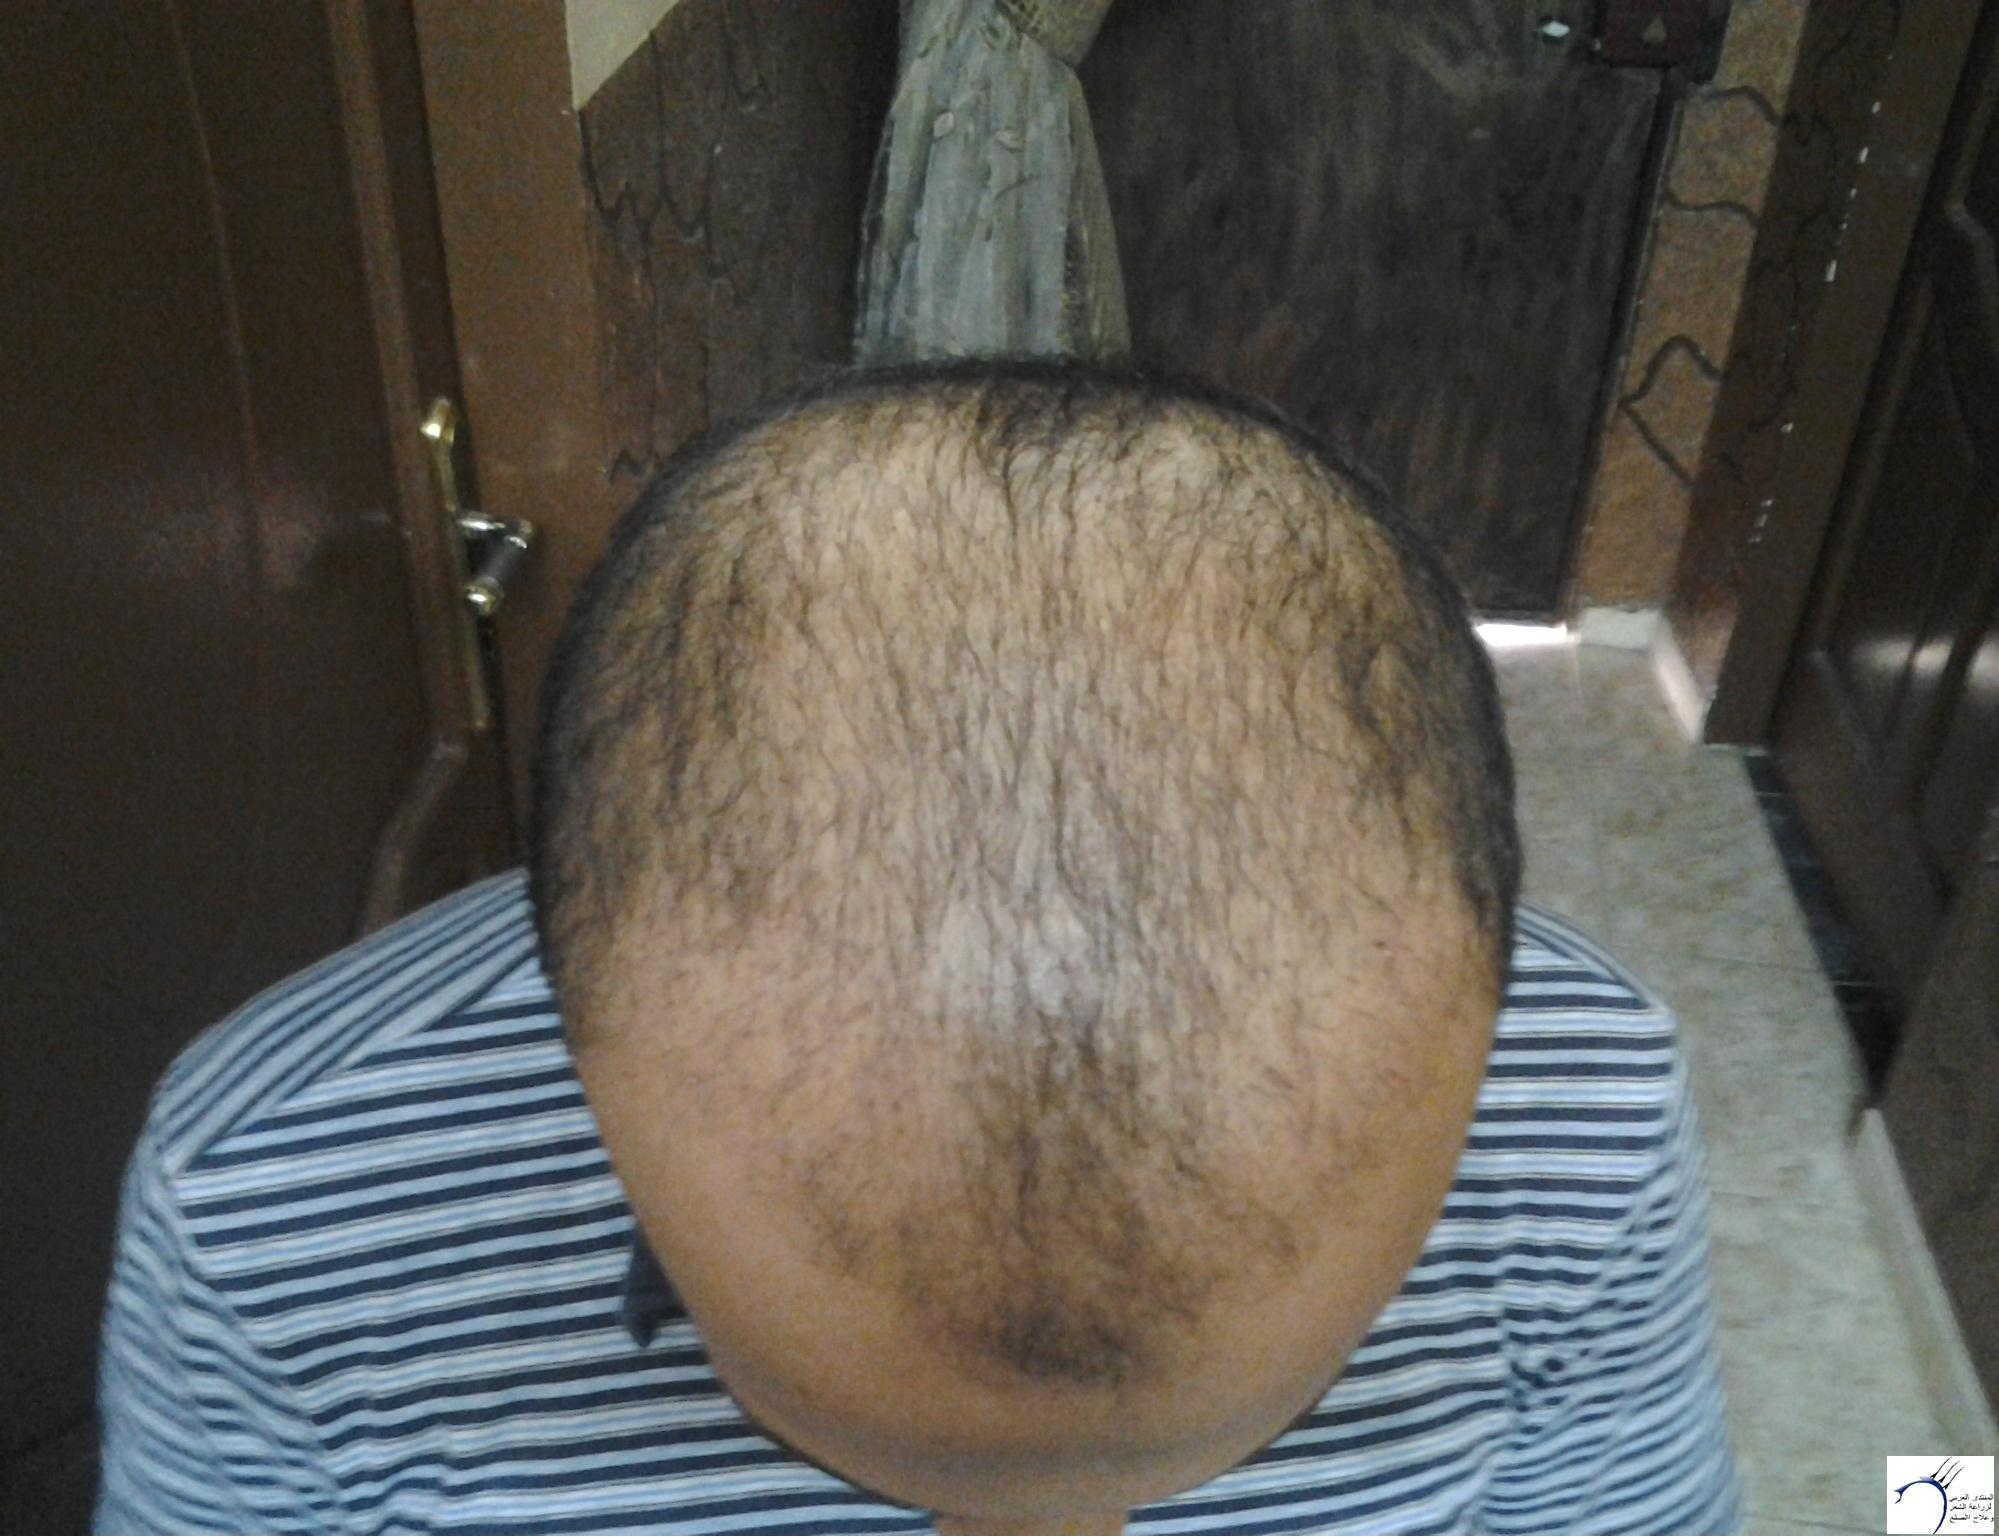 الدكتور (تحديث السابع) www.hairarab.com98d8